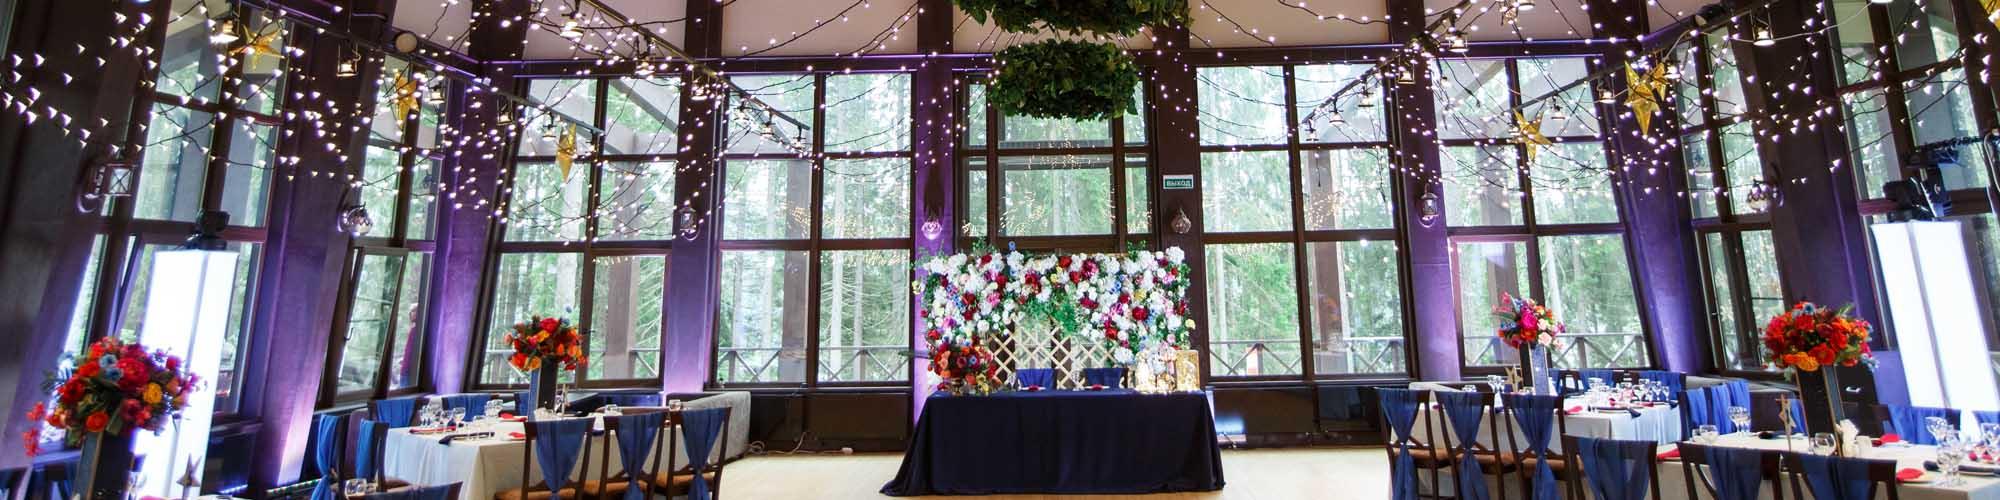 украшение зала на свадьбу спб